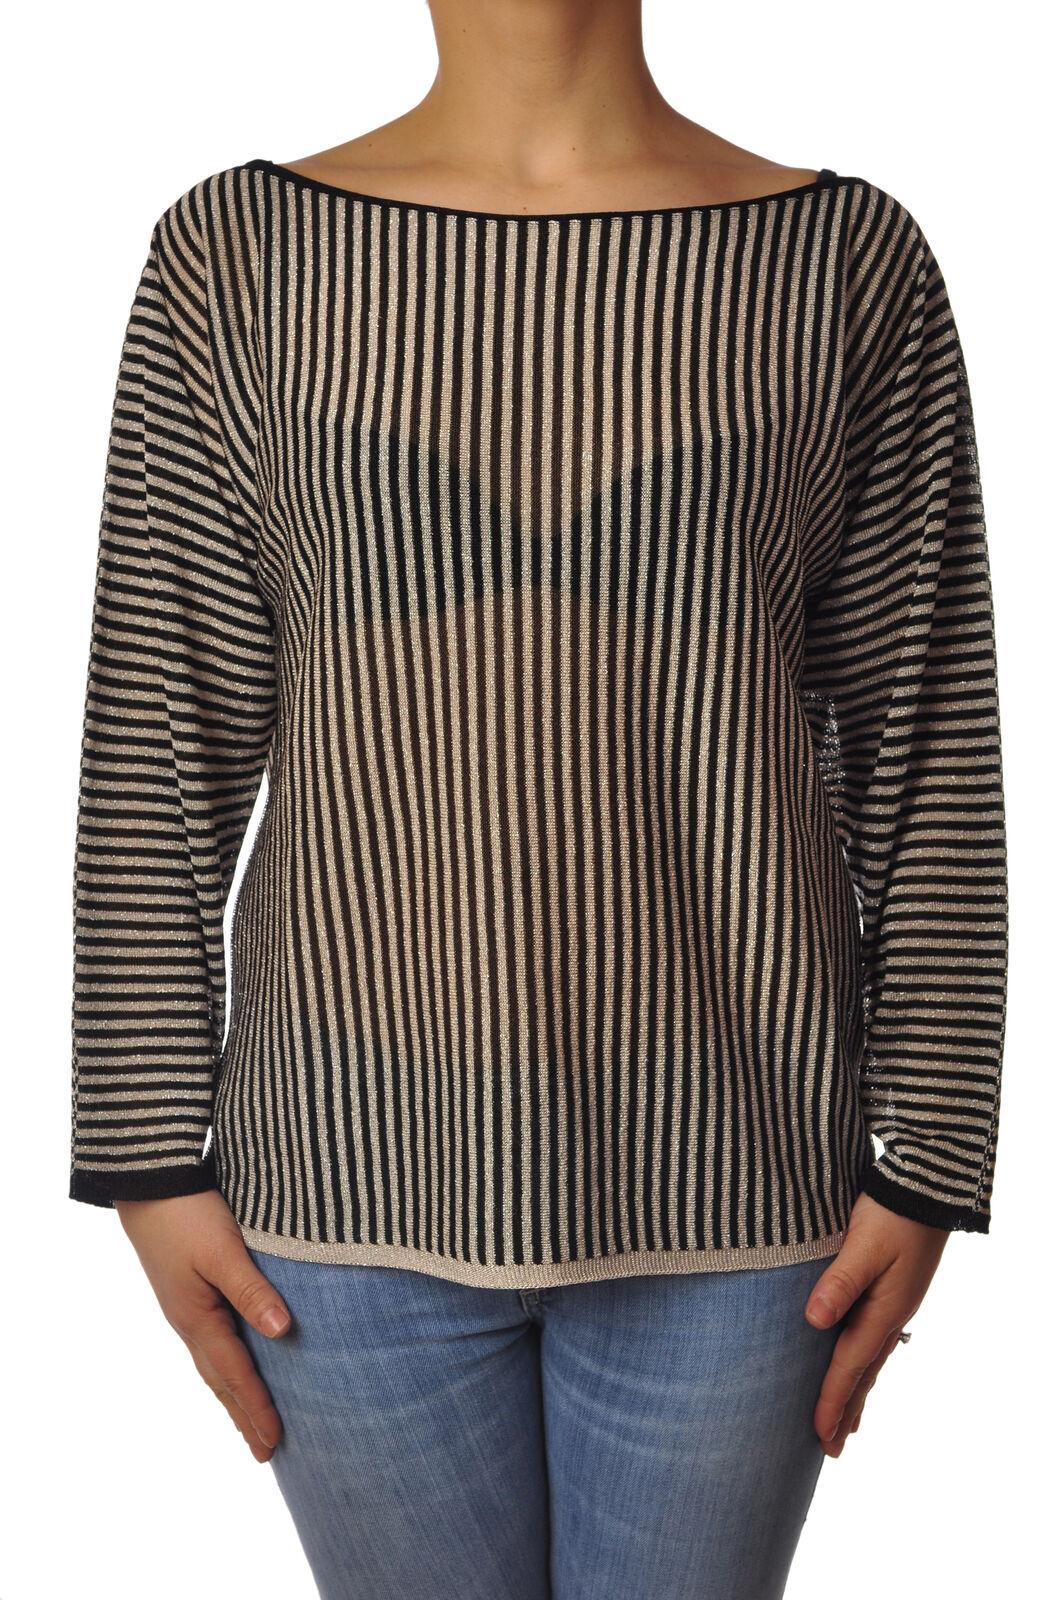 Twin Set - Knitwear-Sweaters - Woman - Fantasy - 4966625I185352